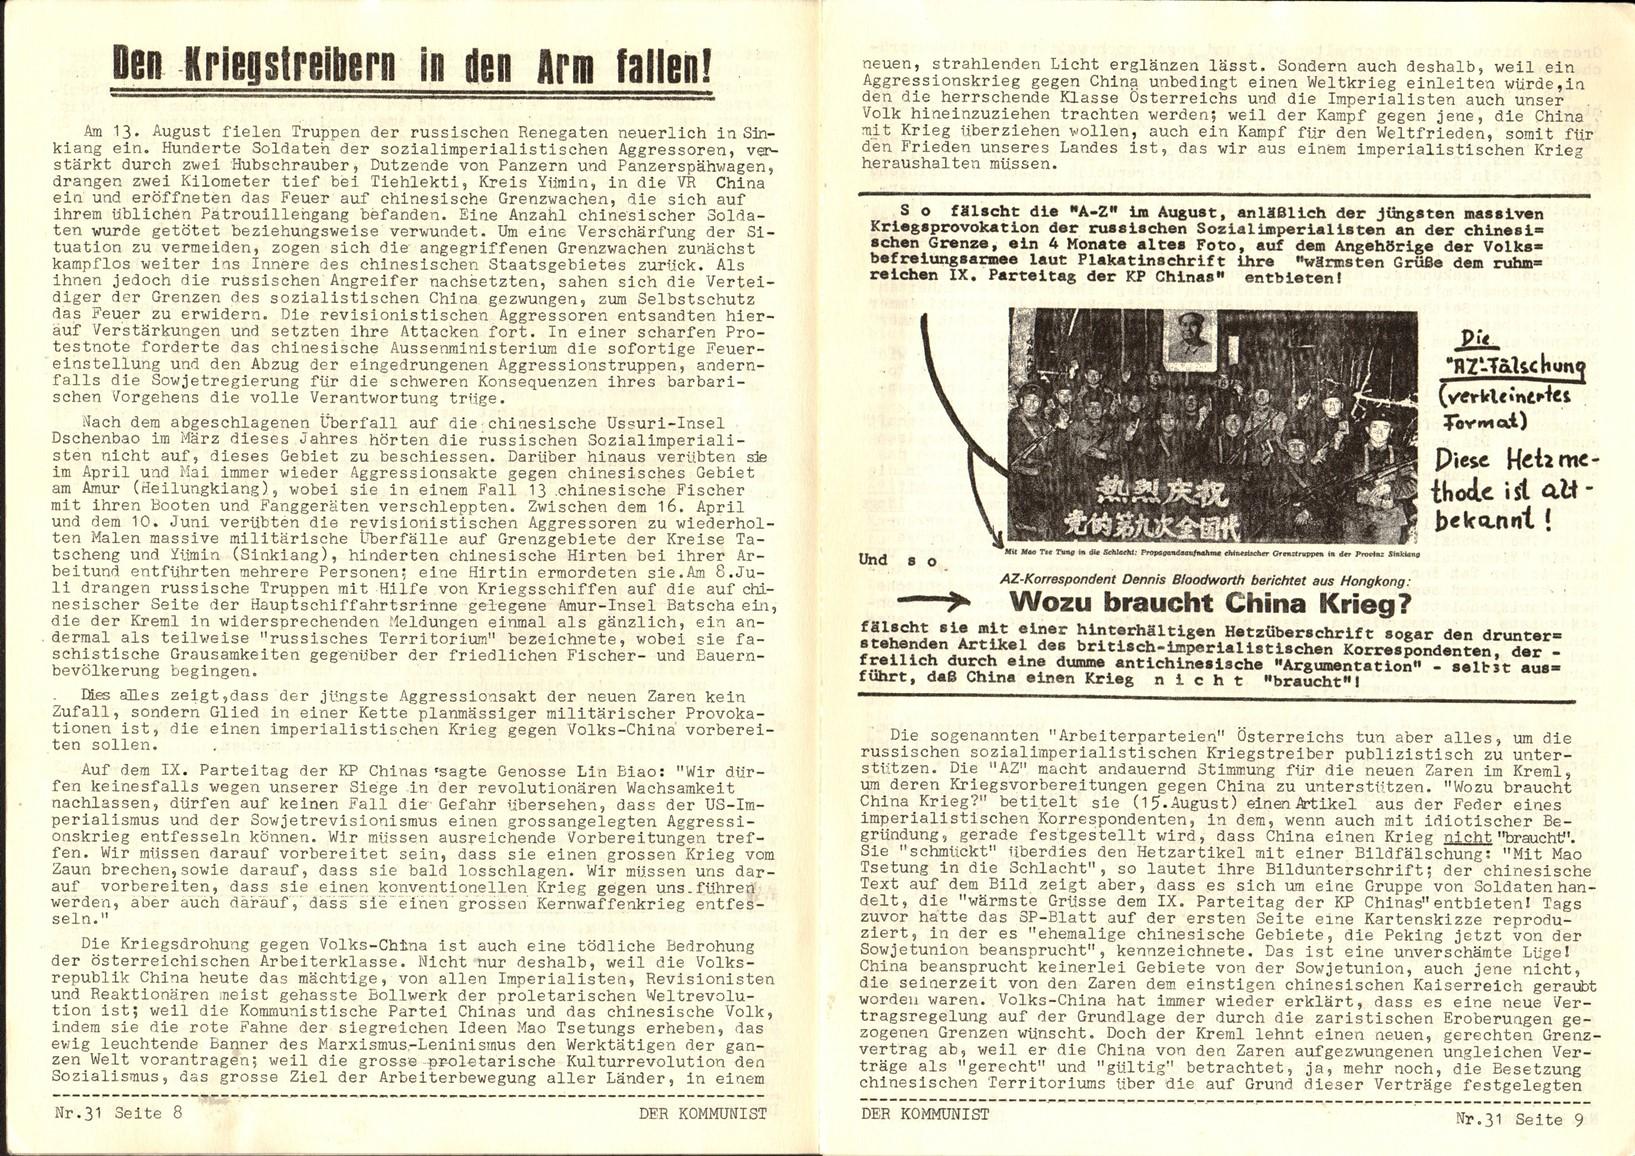 VRA_Der_Kommunist_19690900_05